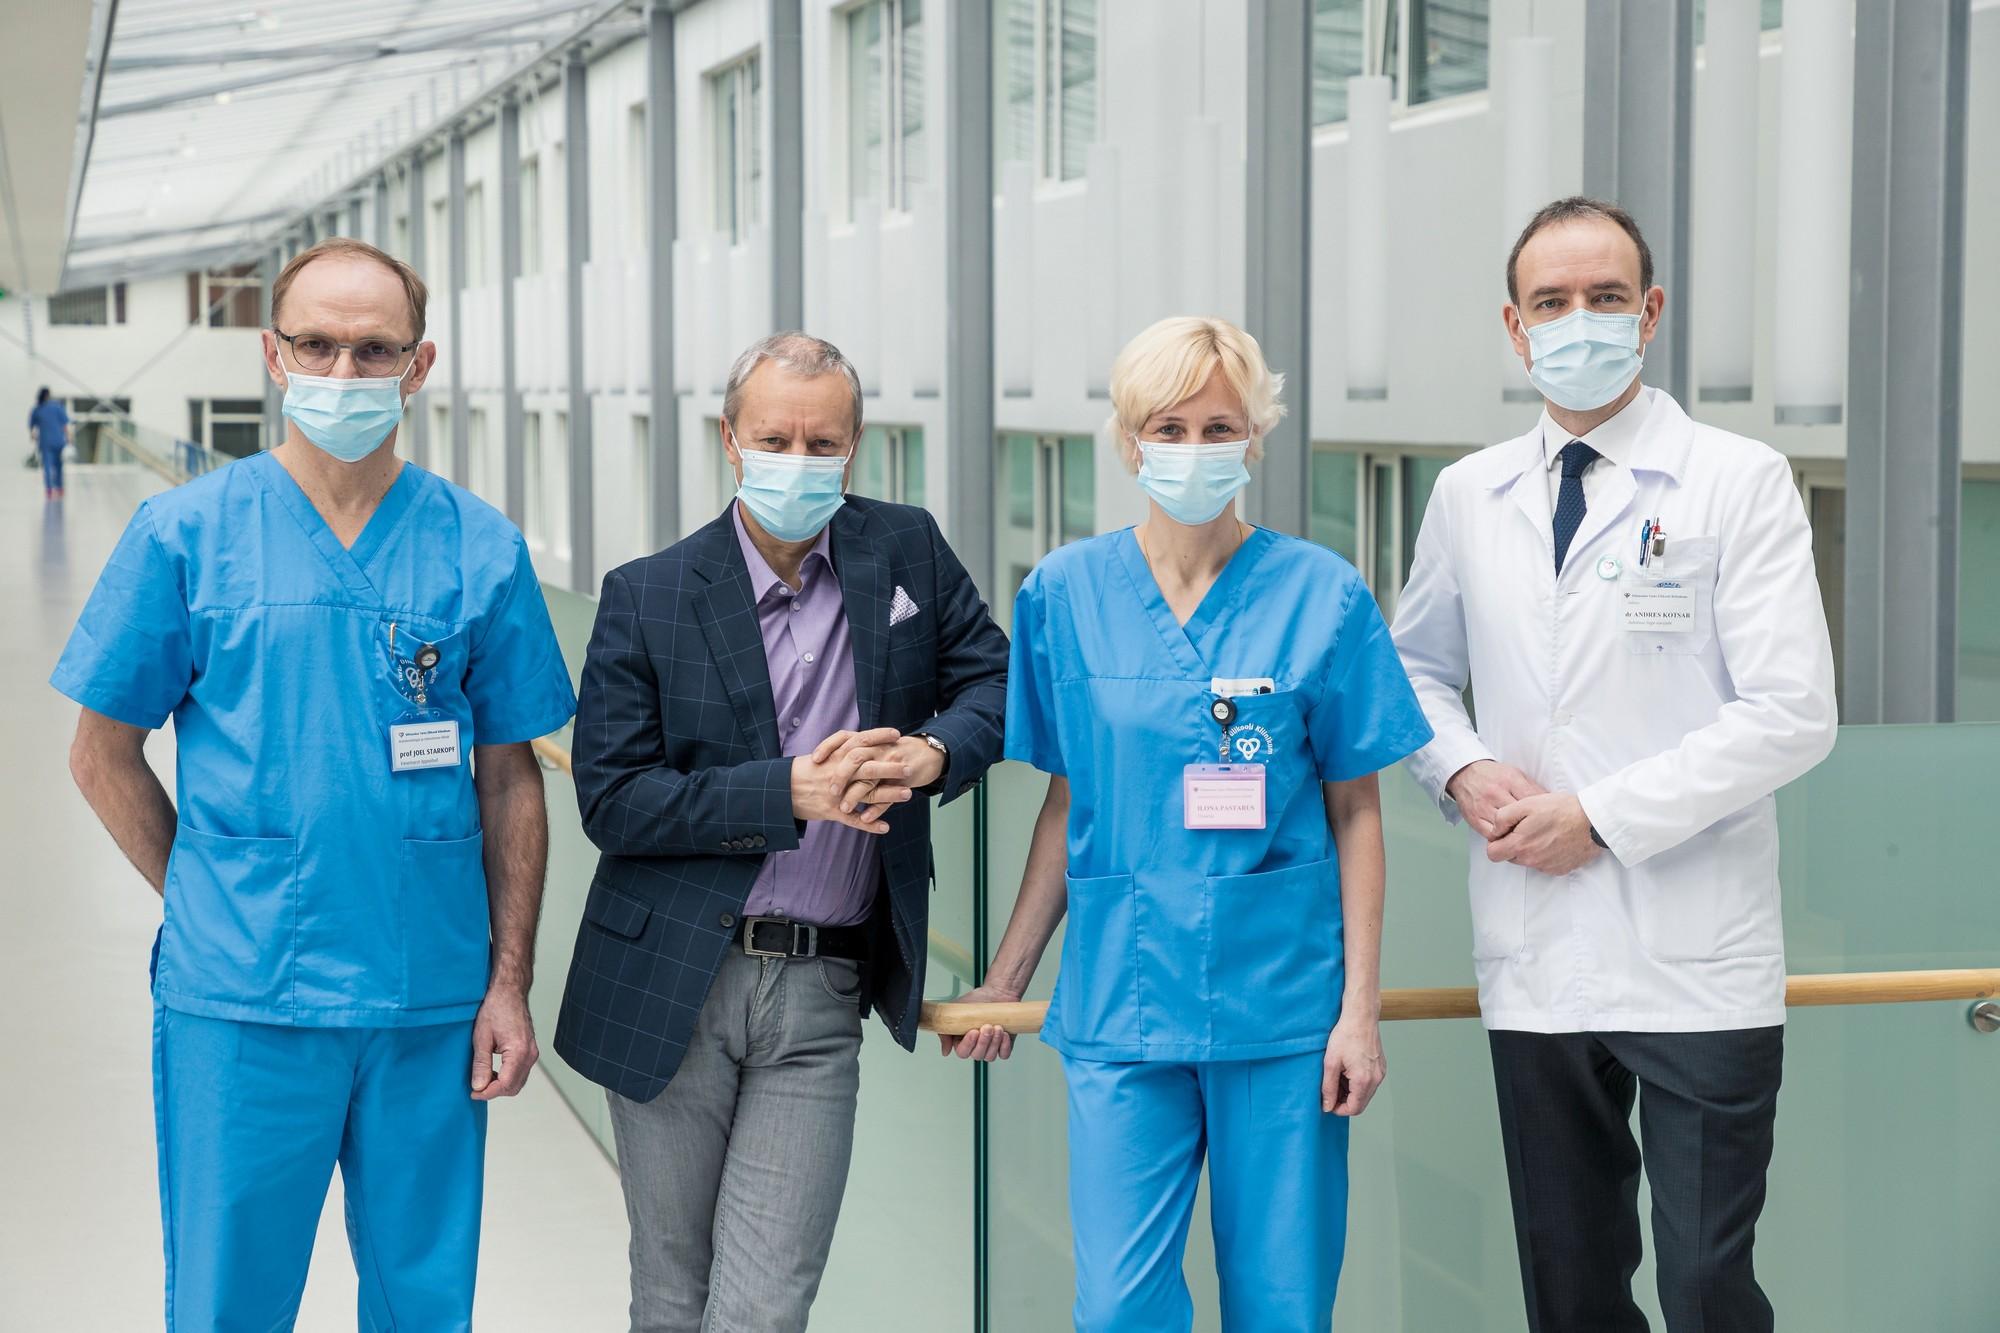 Arsti noukogu Kuidas suurendada seksuaalset keha Rahvuste keskmise suurusega liige